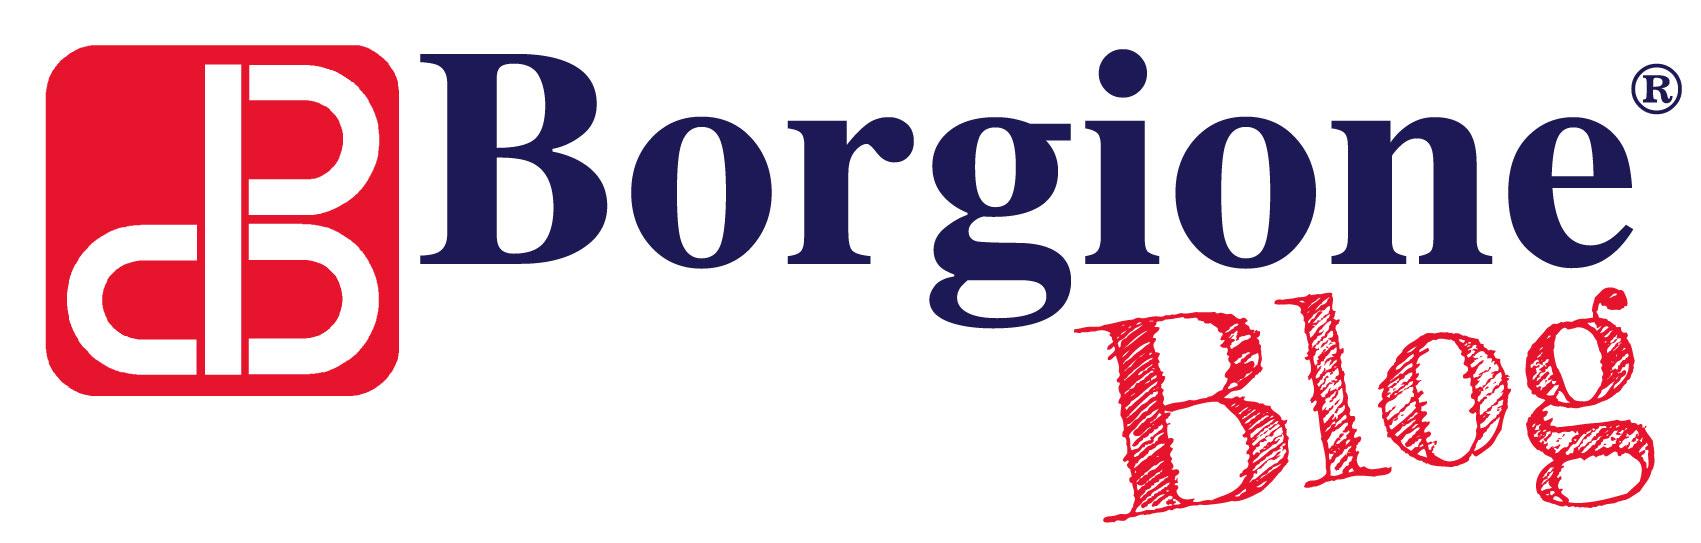 Blog – Borgione Centro Didattico